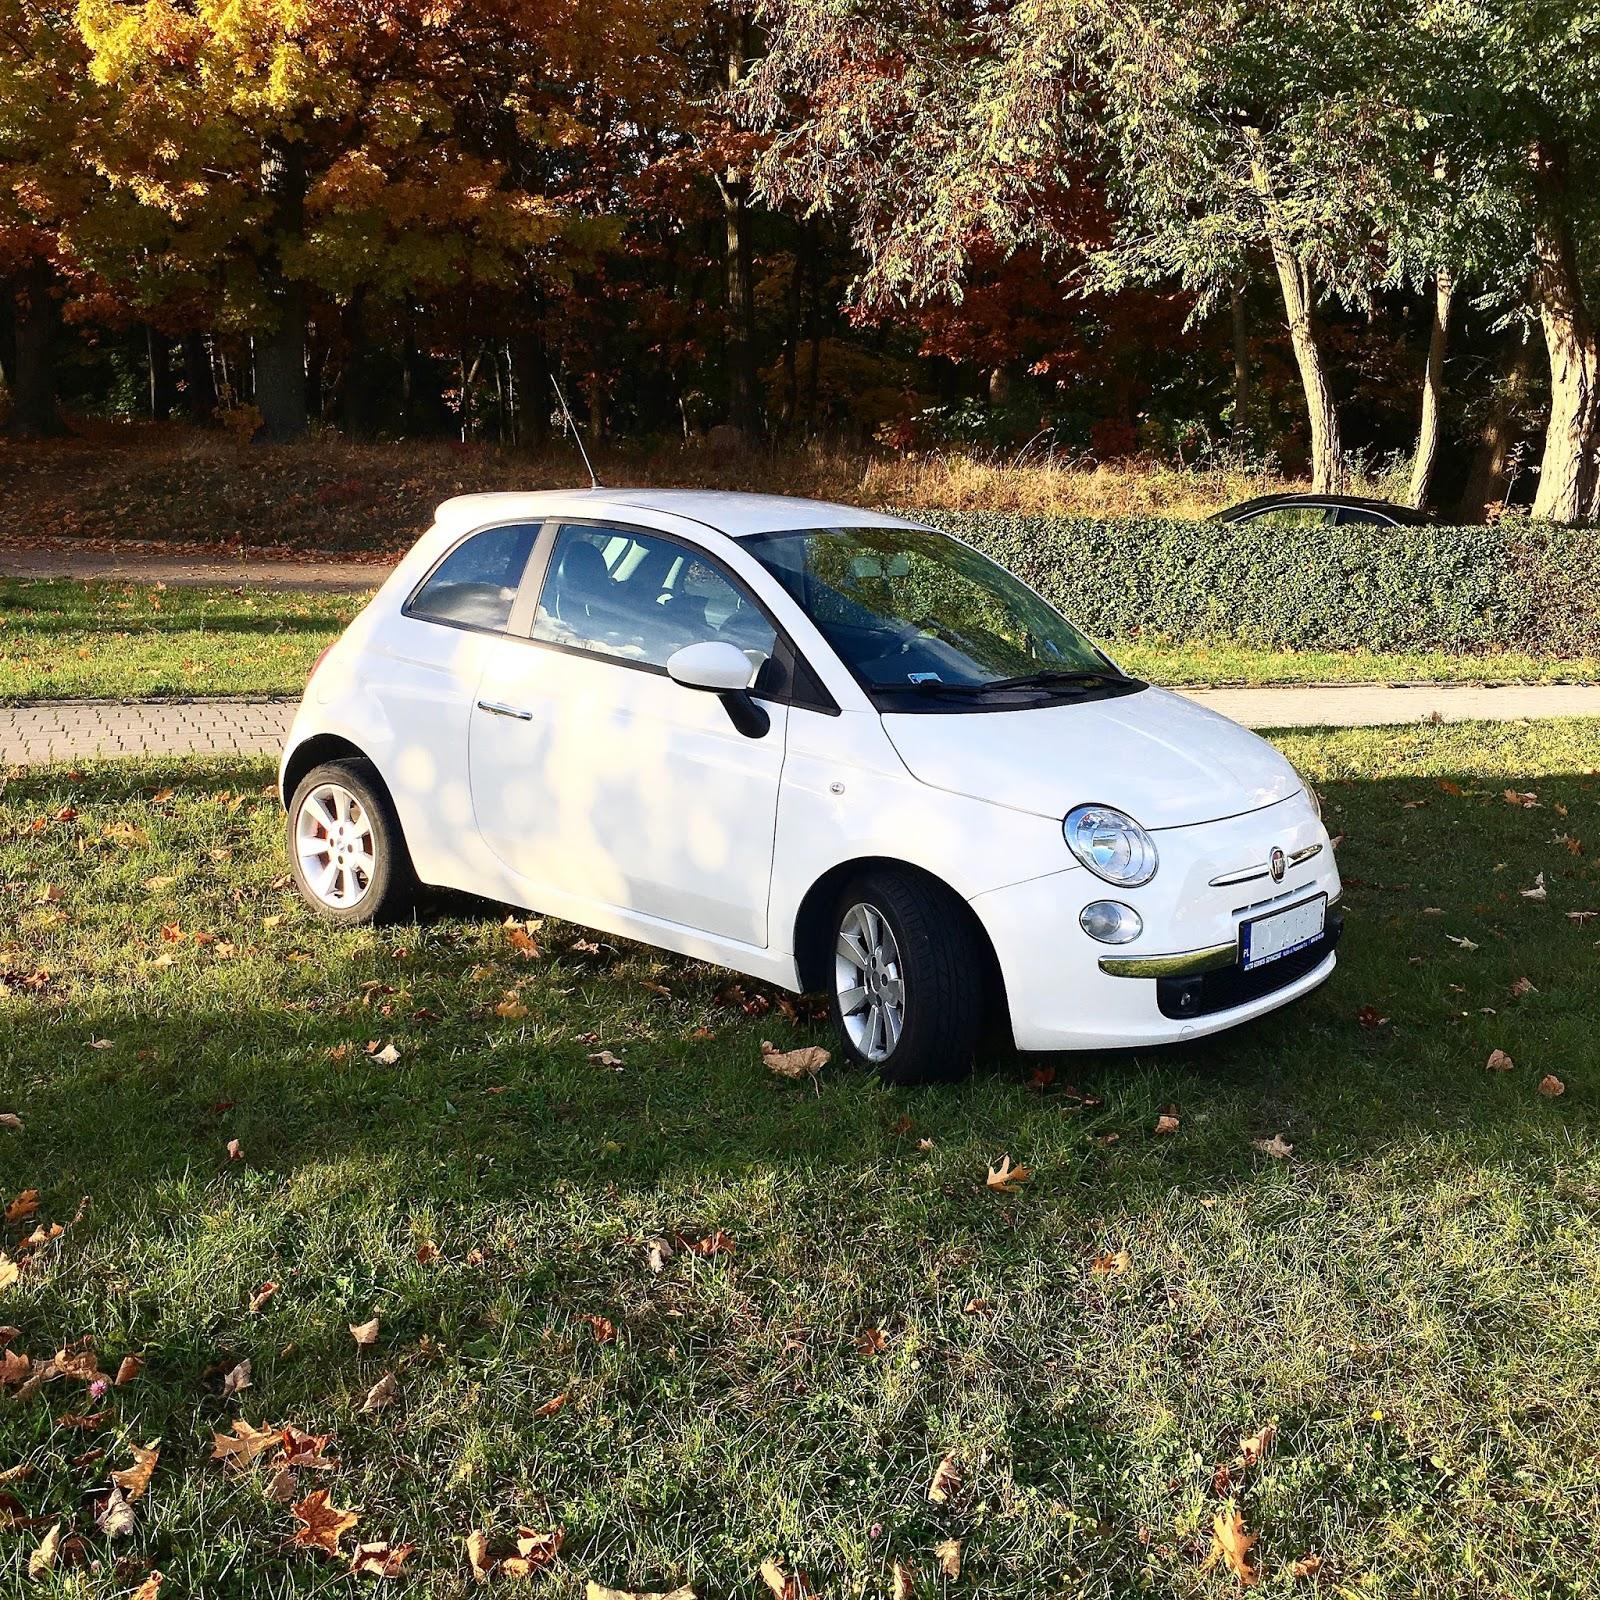 Spełnione marzenie: Fiat 500 1.4 sport w codziennym użytkowaniu, opinia po roku